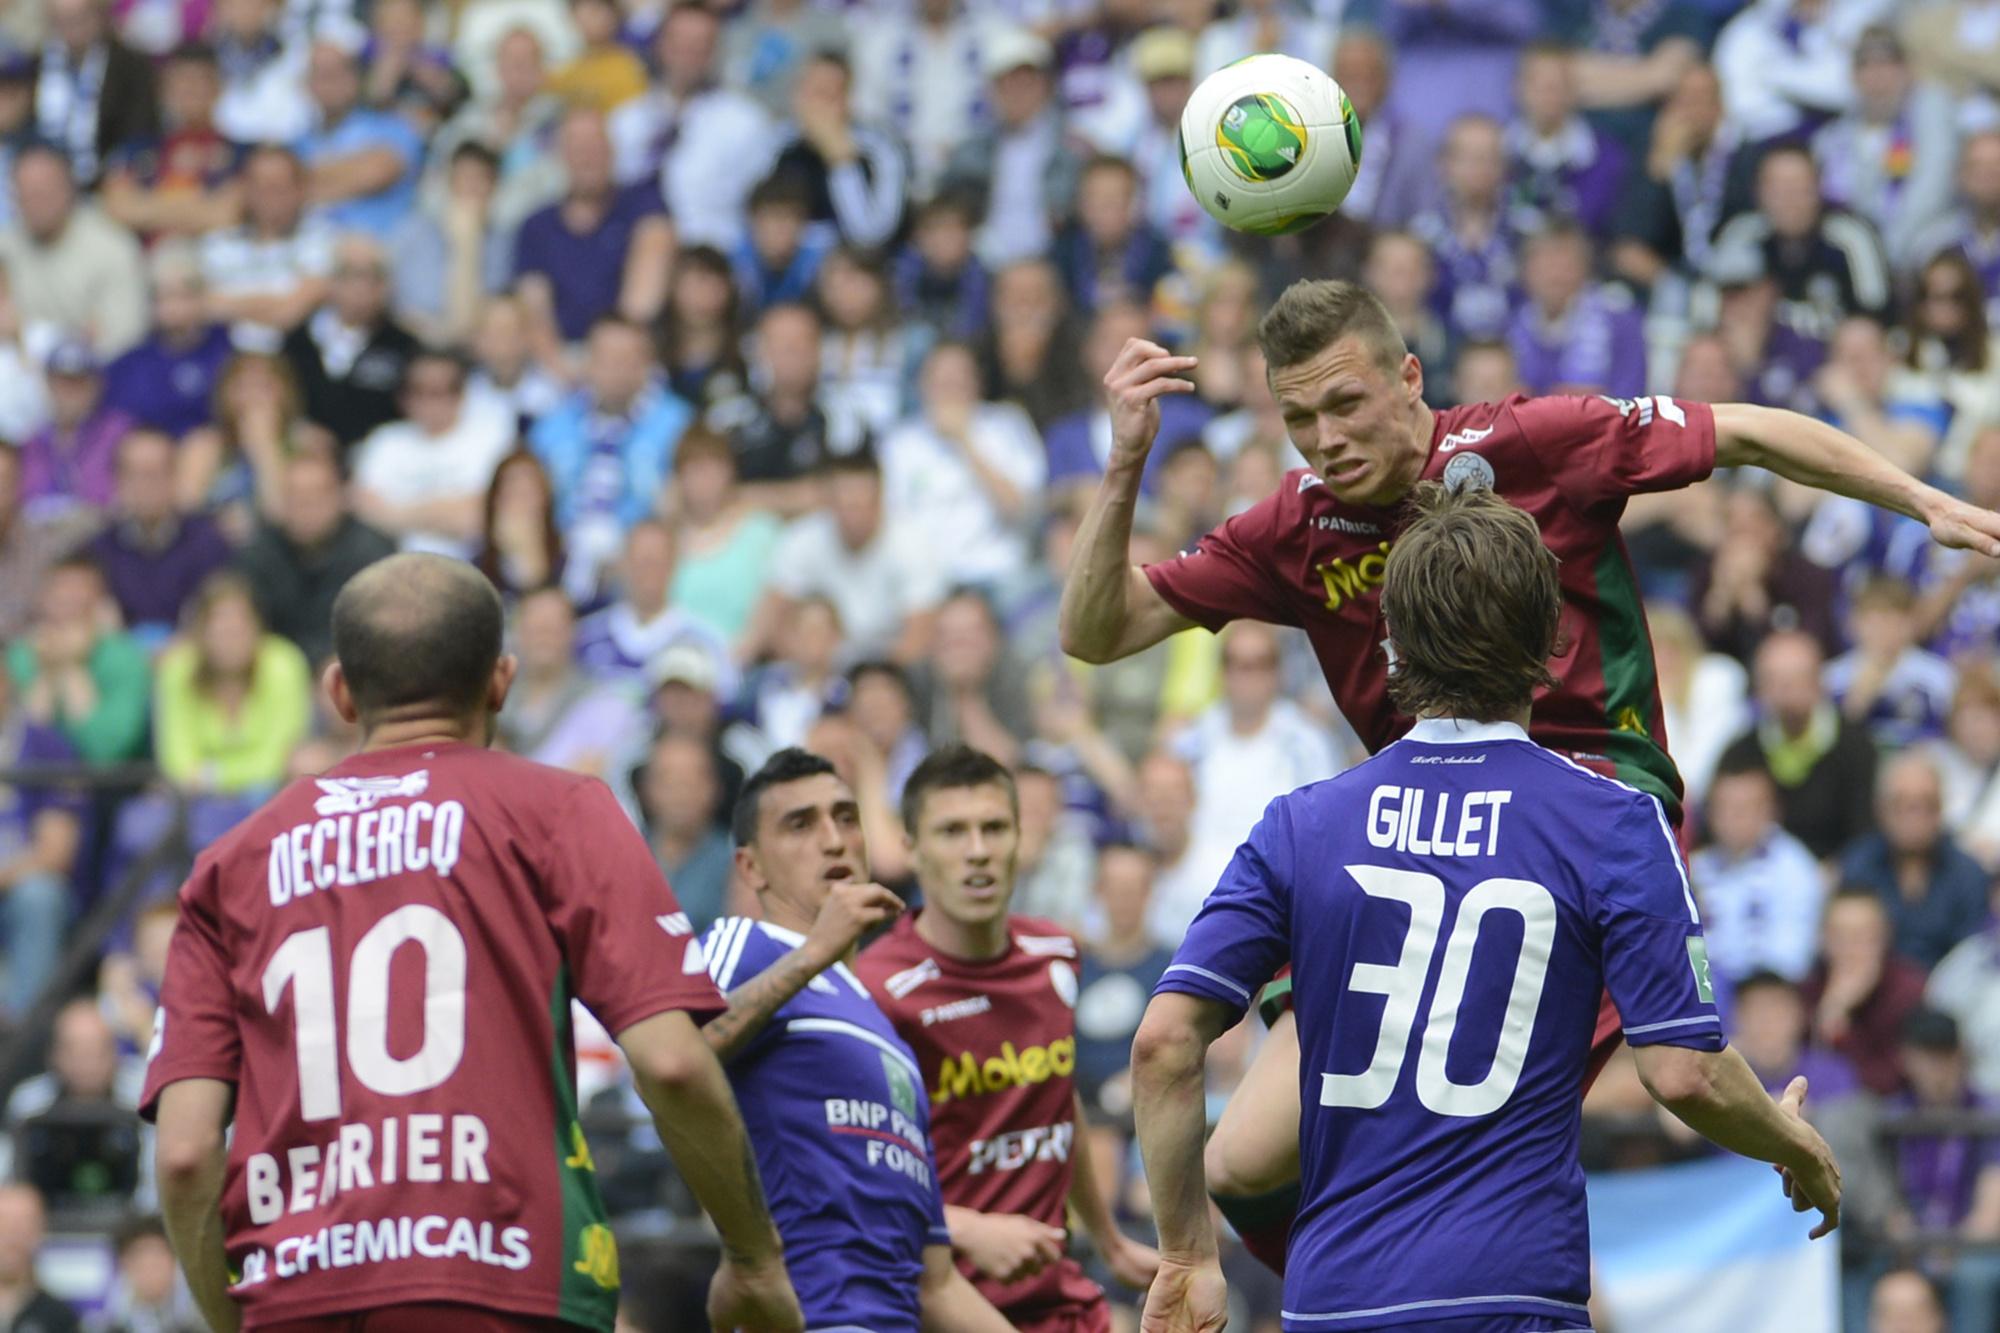 Jens Naessens scoort tegen Anderlecht., Belga Image